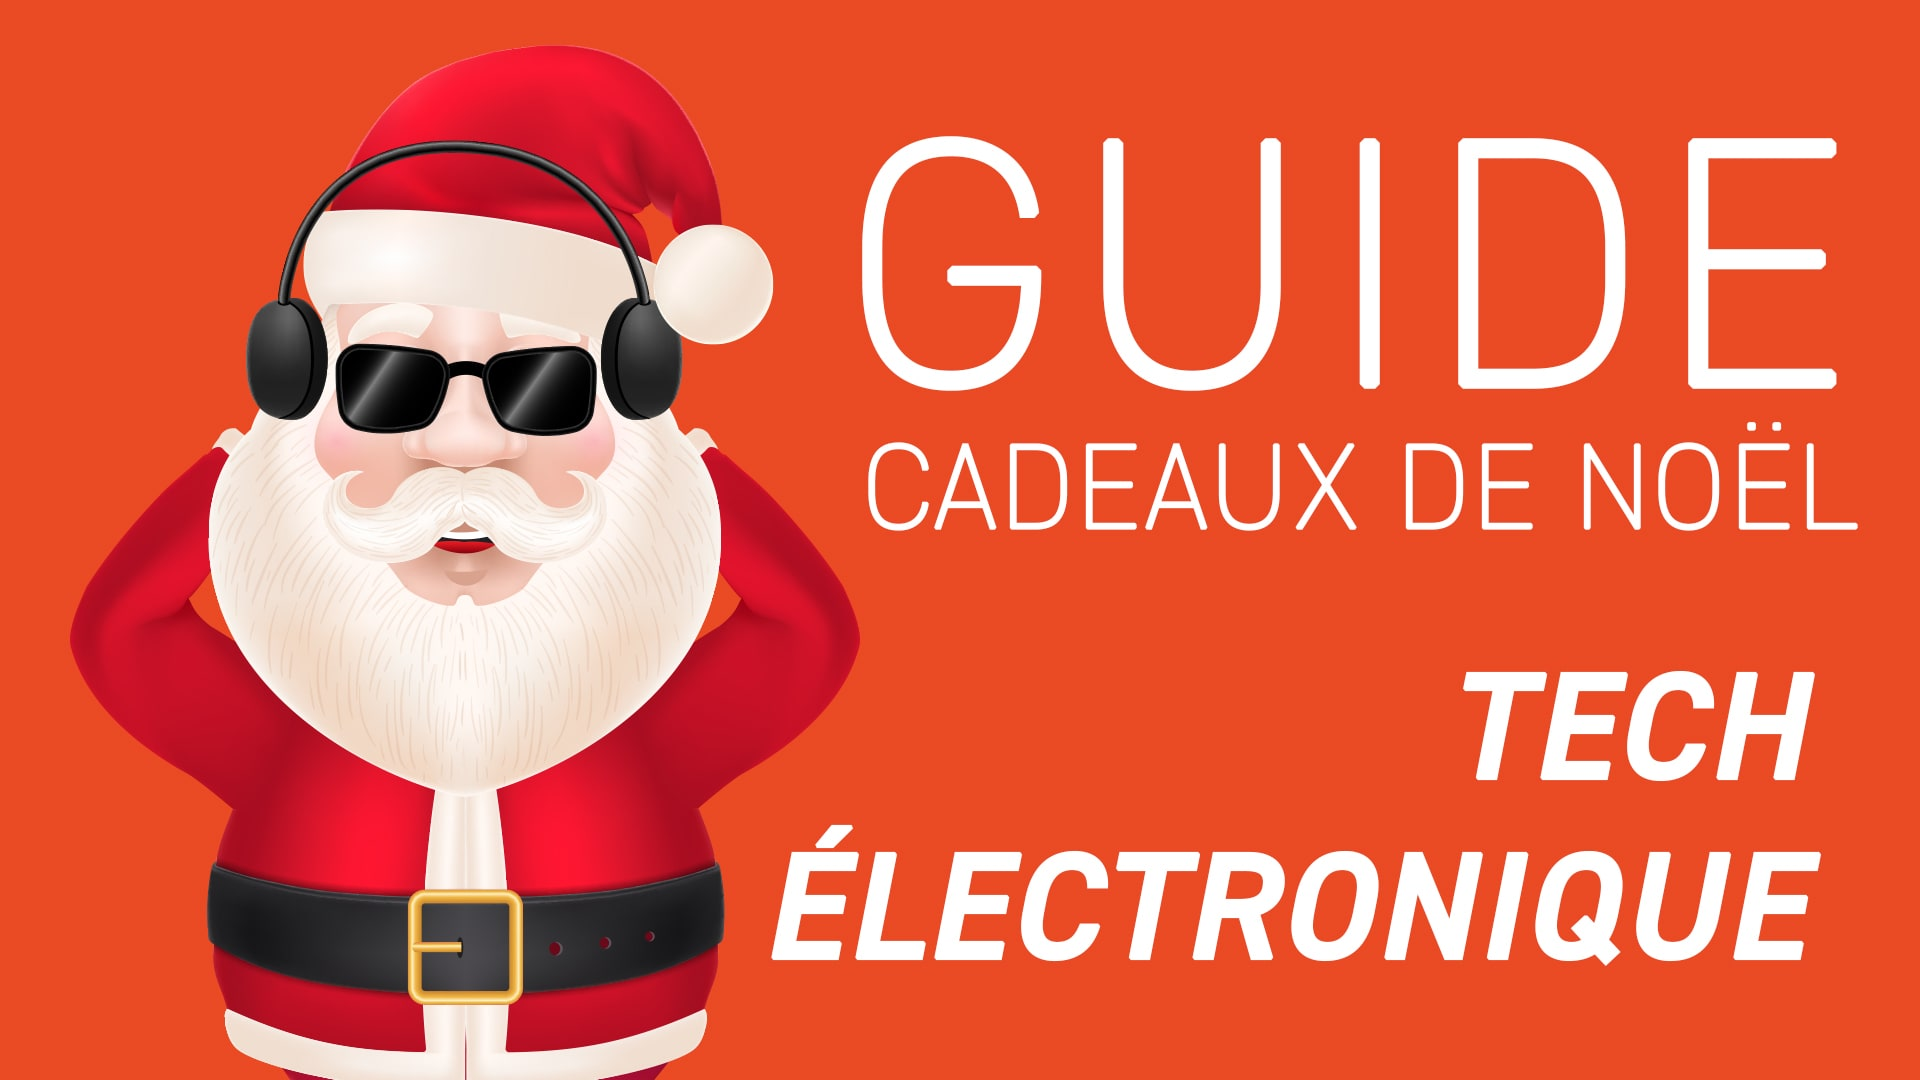 6 cadeaux de Noël pour votre technicien en électronique